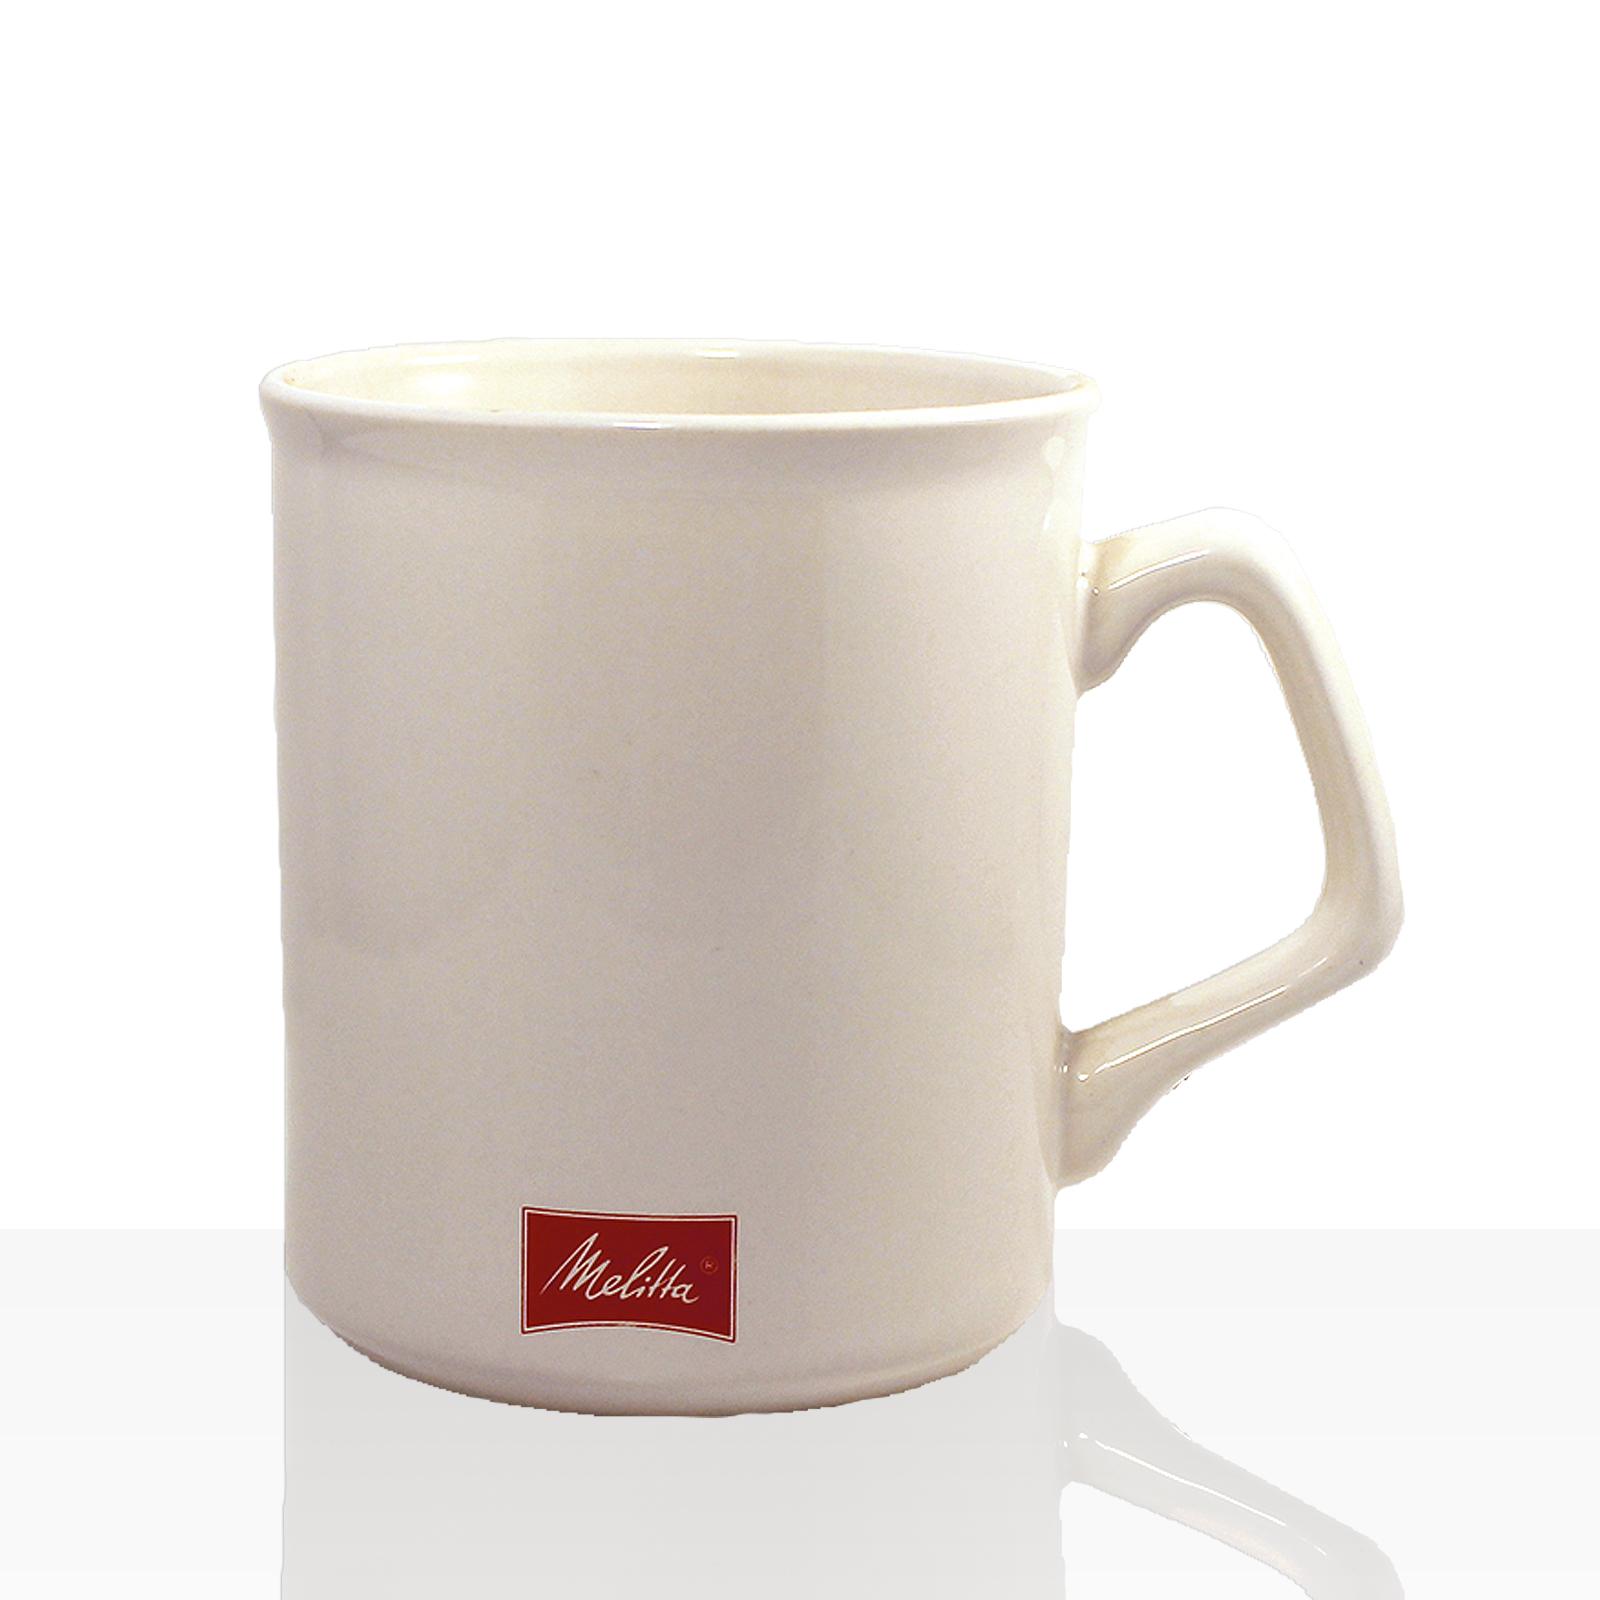 Melitta Kaffee-Becher mit Henkel 300ml, Porzellan-Tasse